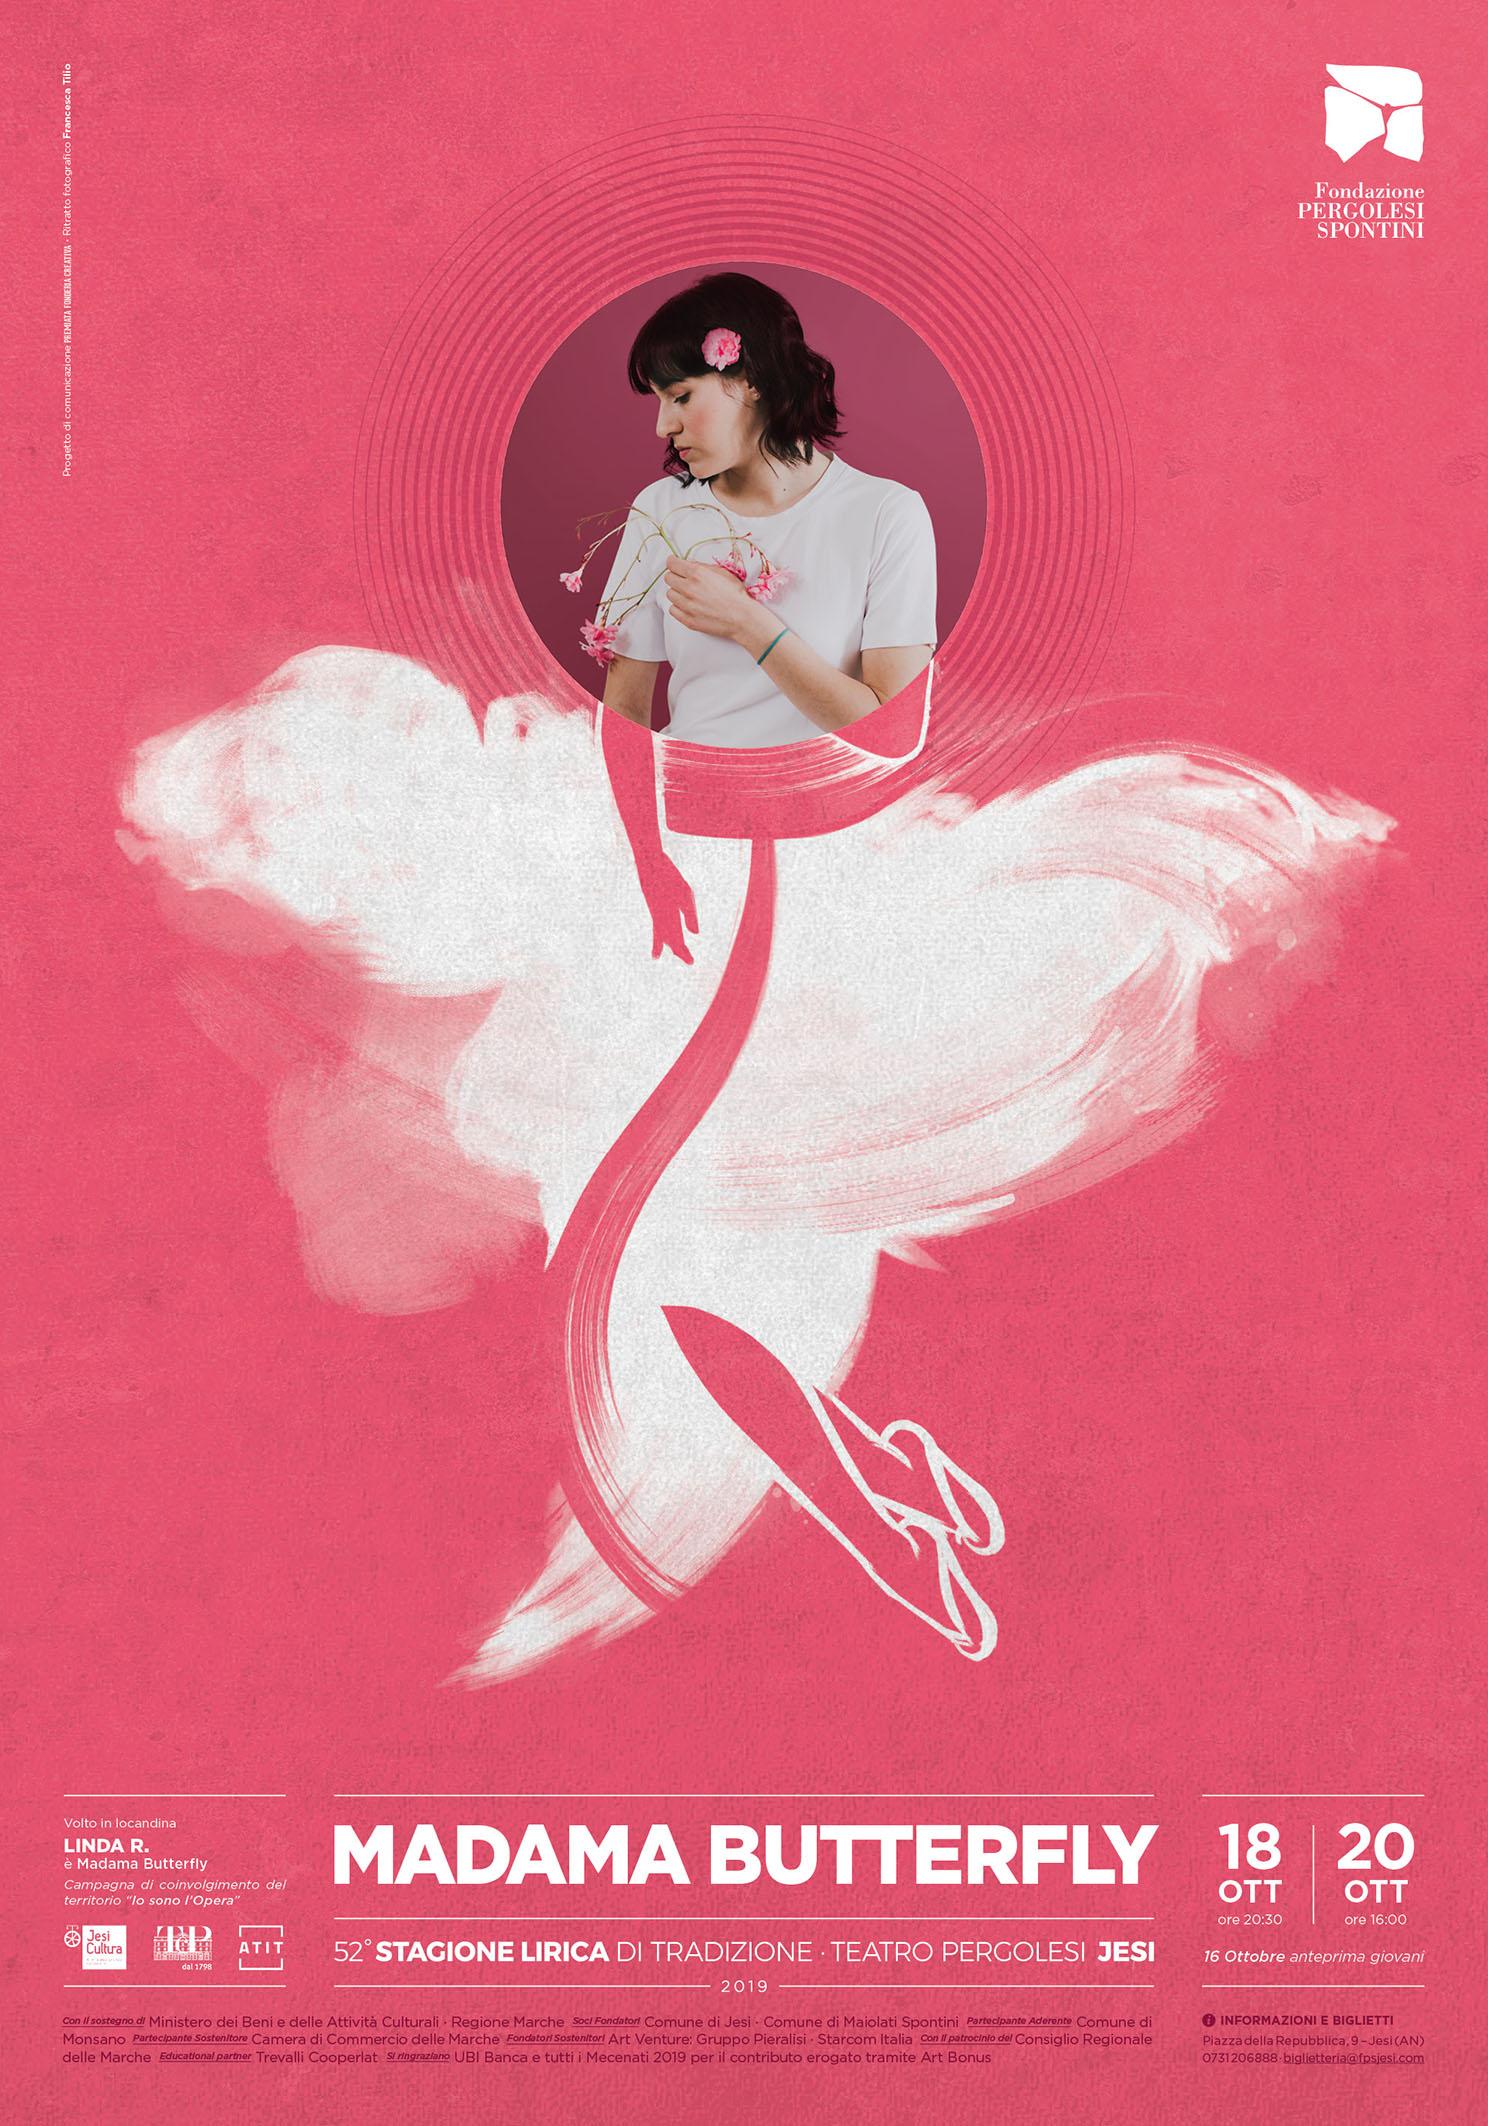 Lirica Jesi_Madama Butterfly è Linda R